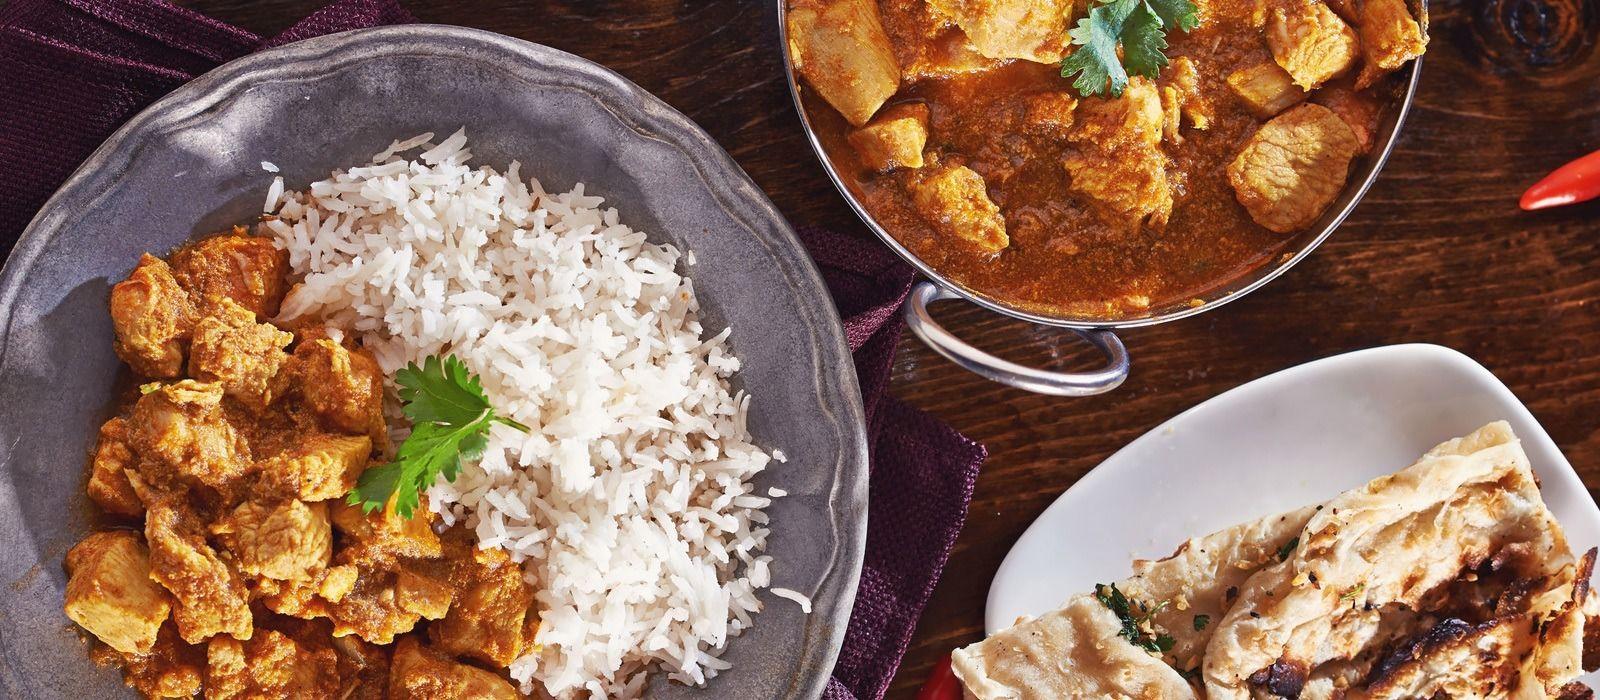 Gourmetreise – Nordindien für Feinschmecker Urlaub 1